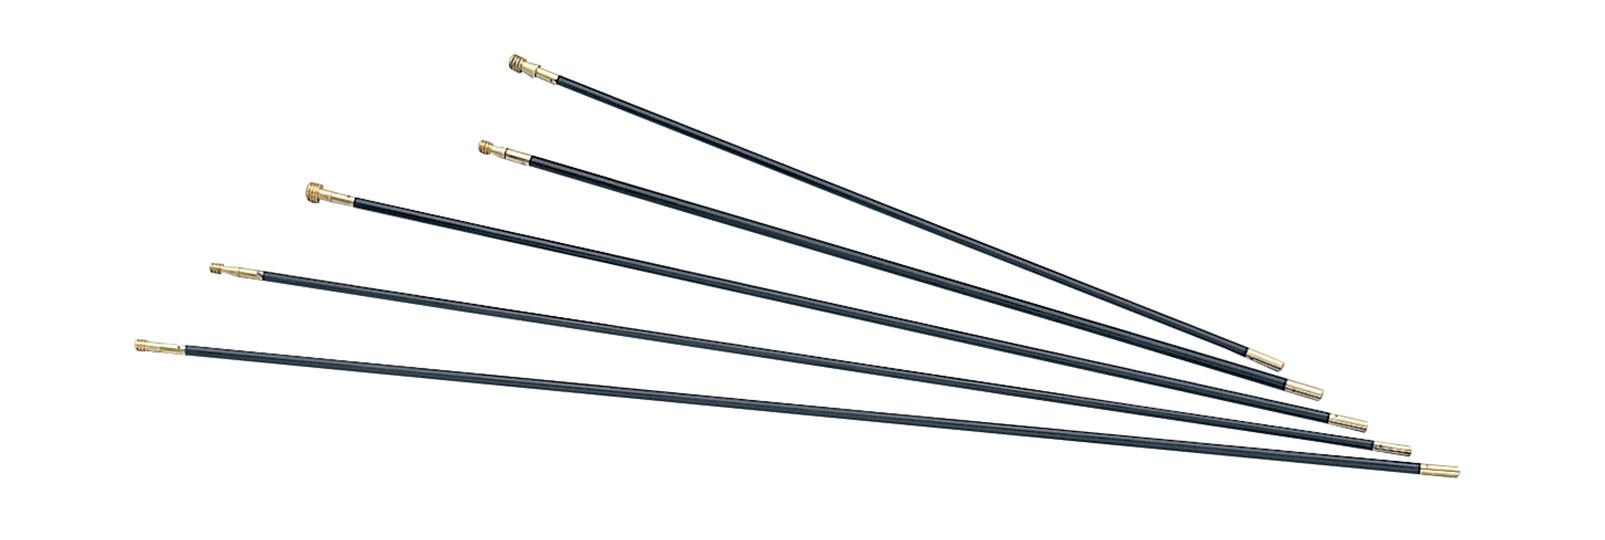 Bacchetta in fibra per armi ad avancarica 7x700 mm e...